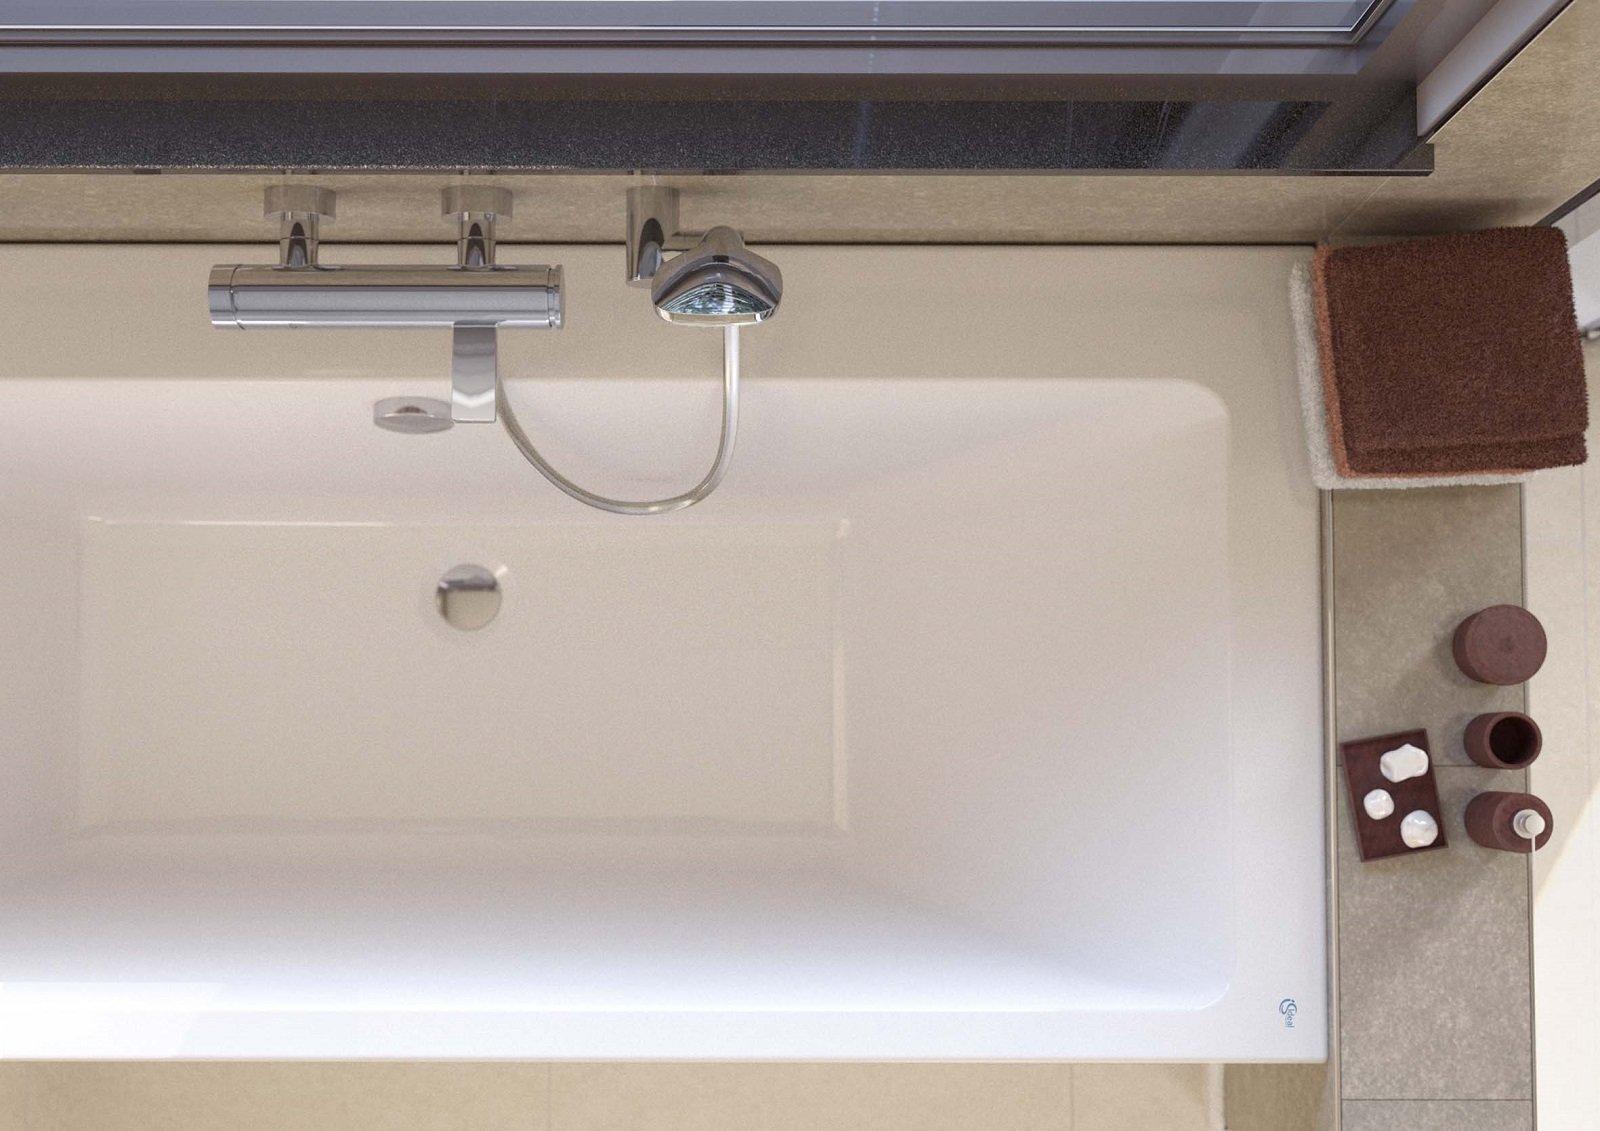 Vasche Da Bagno Incasso Ideal Standard : Da incasso o da libero posizionamento le vasche di misura standard